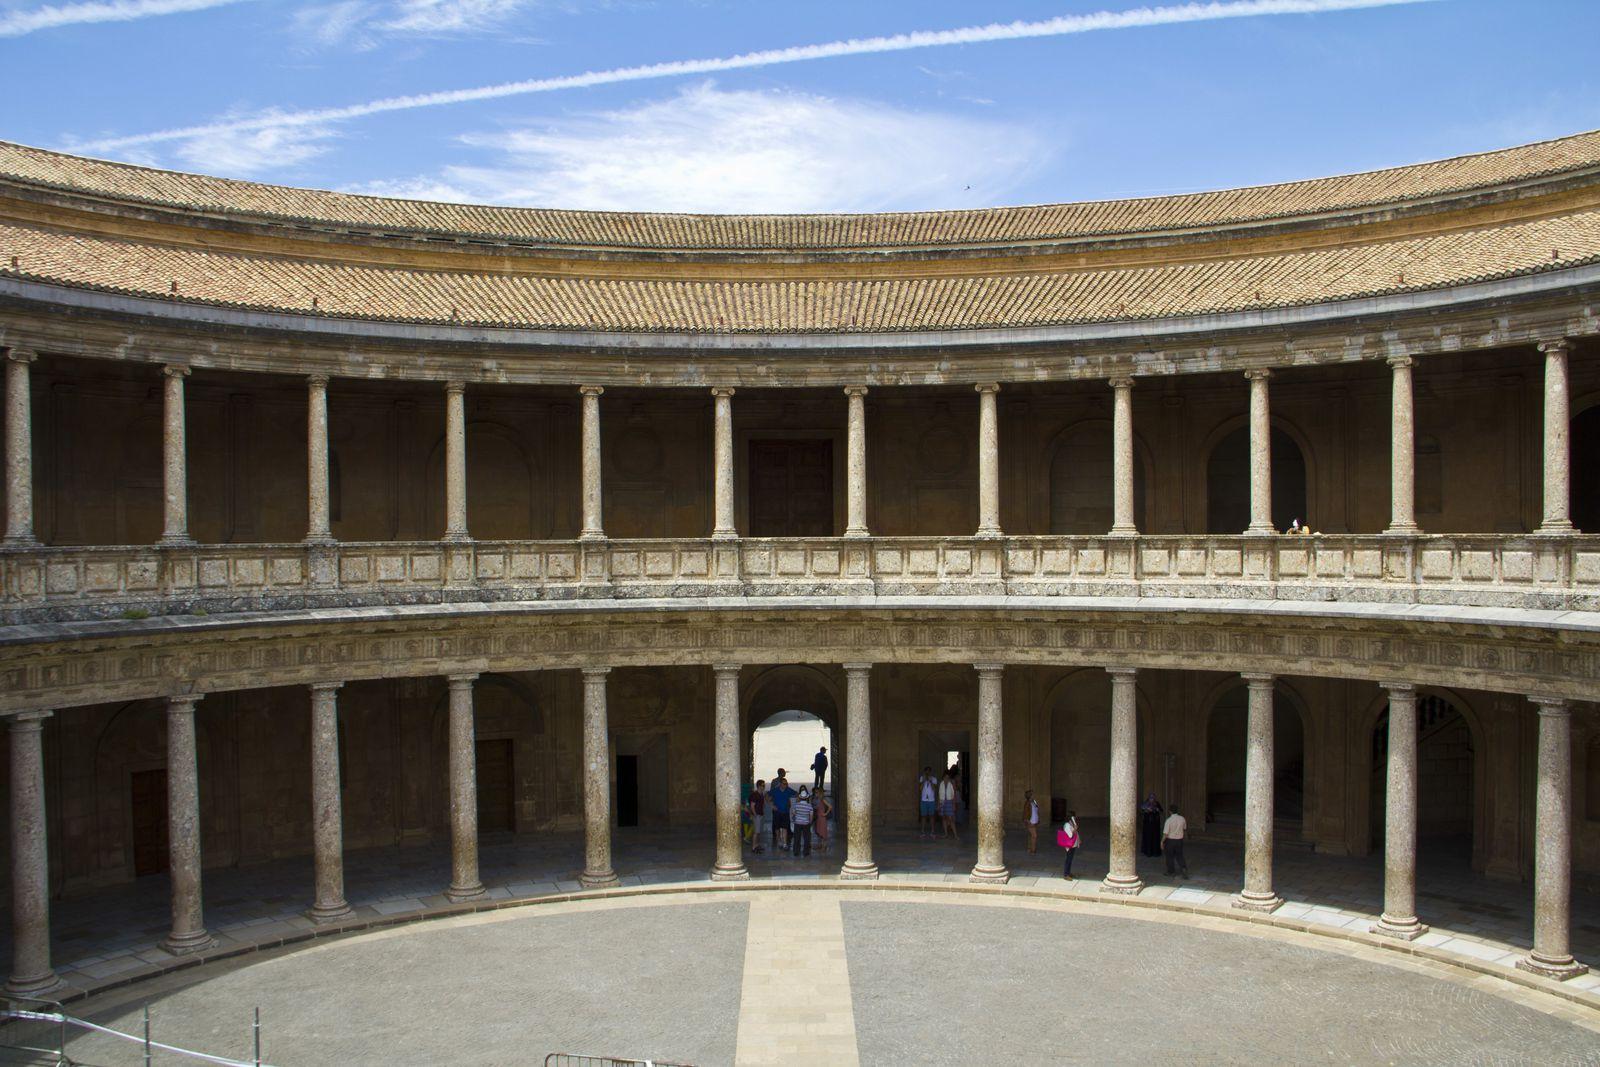 Les fontaines, les jardins, les points de vue, des tours et des chemins de ronde, tout cela agrémenté de fleurs dans l'Alhambra,